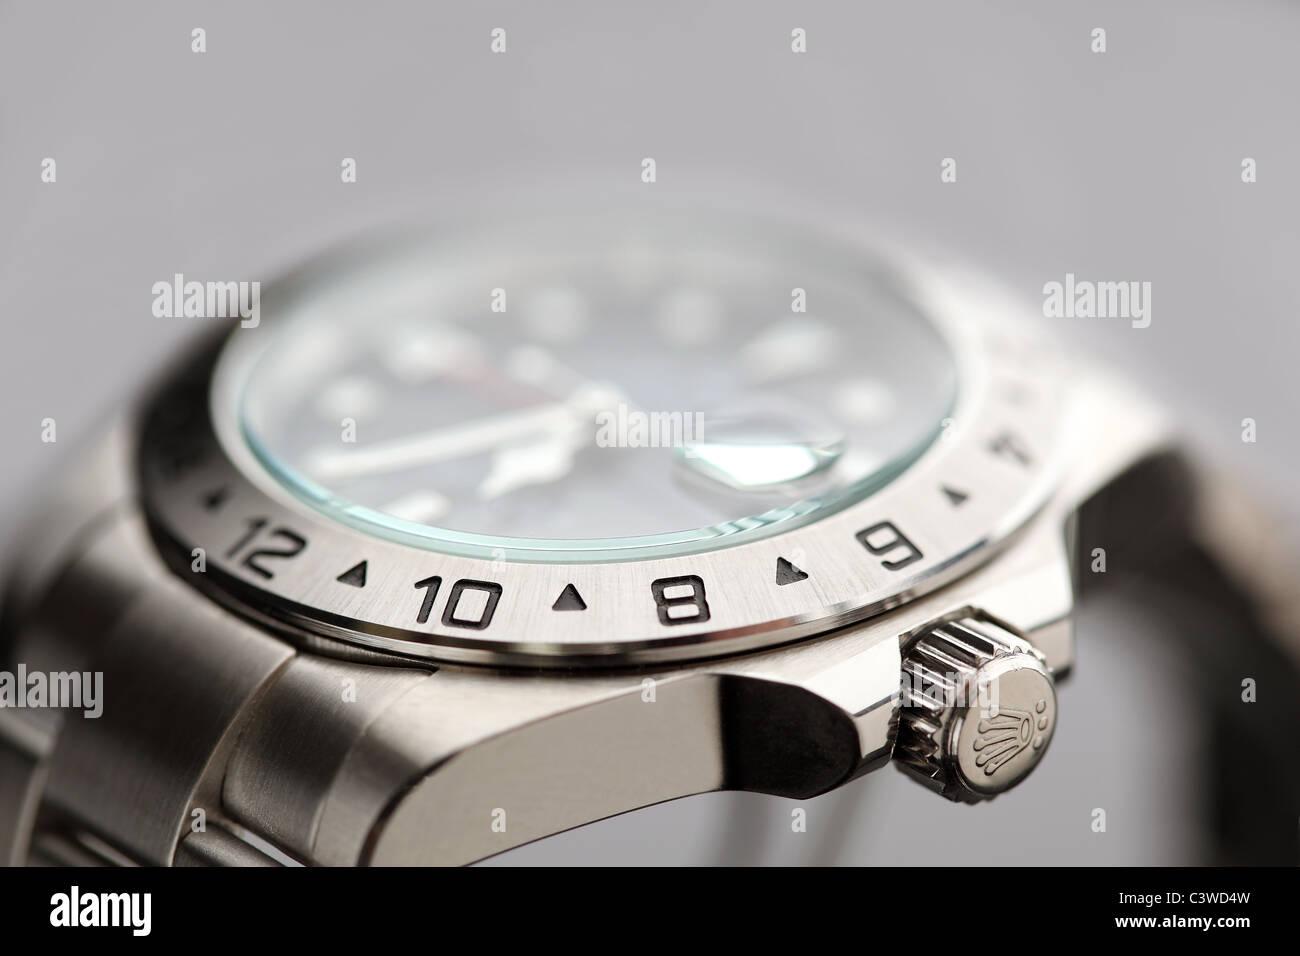 rolex watche - Stock Image